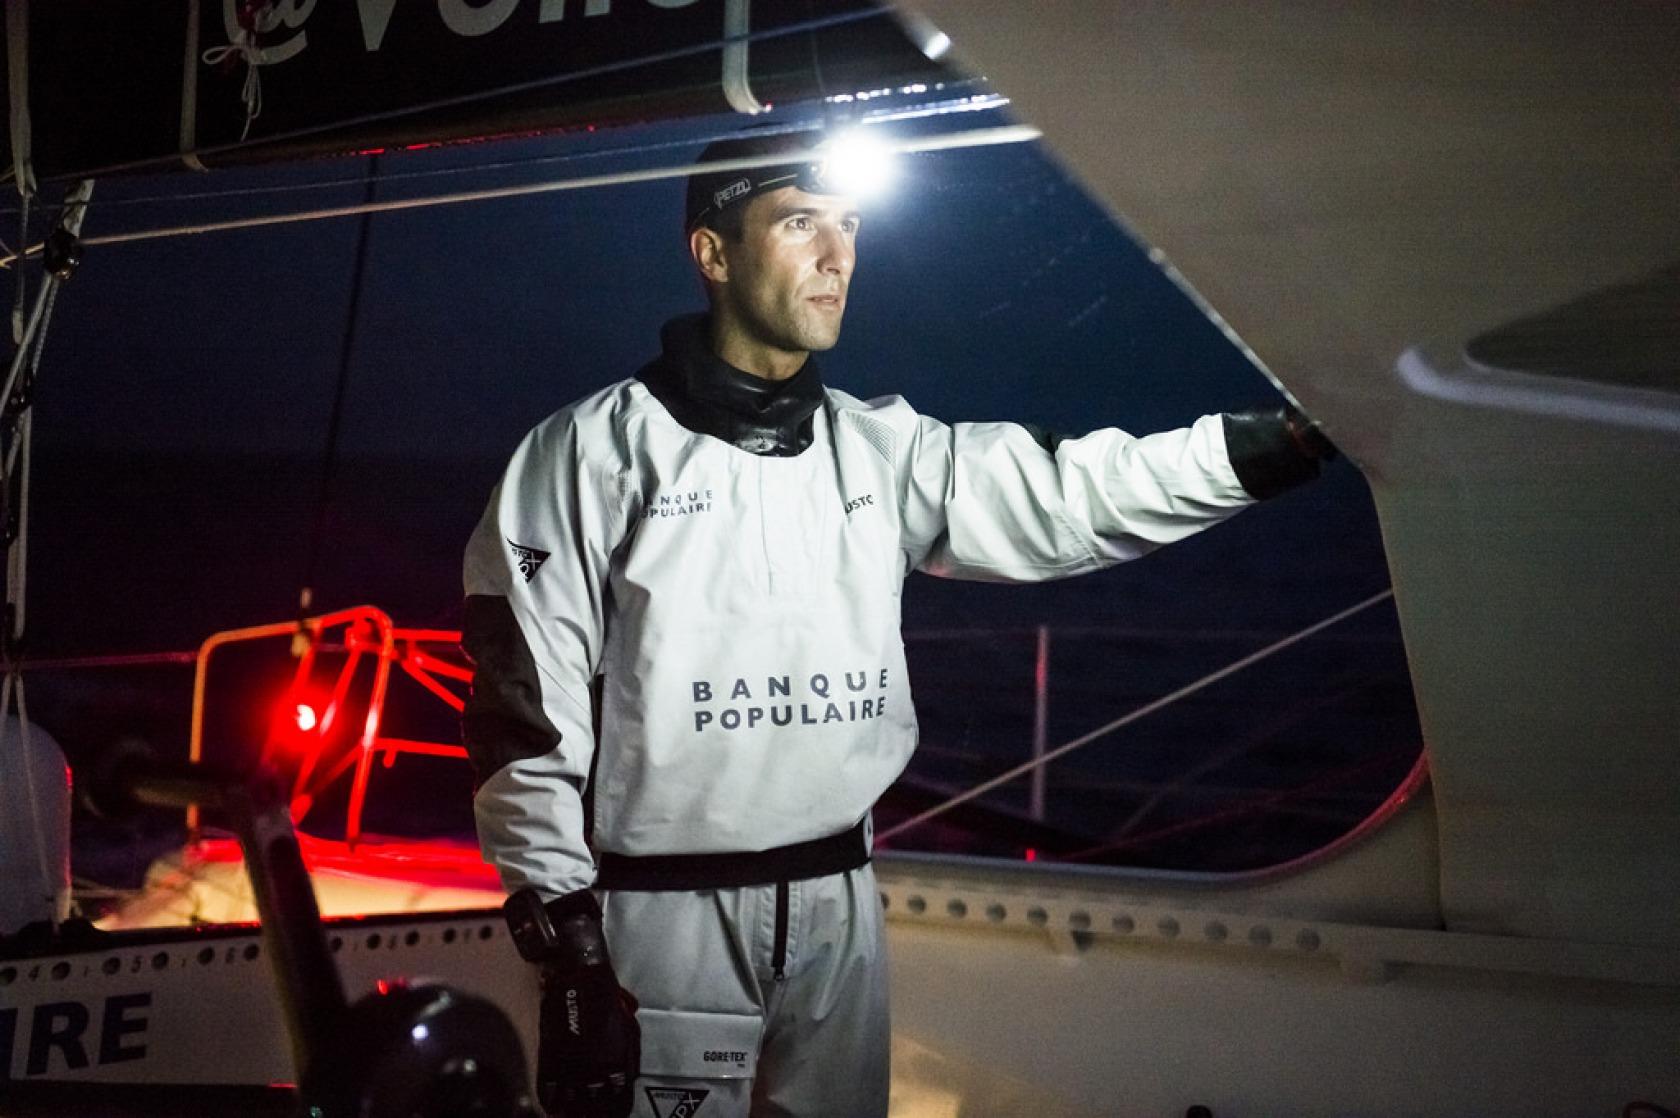 Actualit s derni res heures en mer pour les leaders vend e globe - Armel le cleac h banque populaire ...